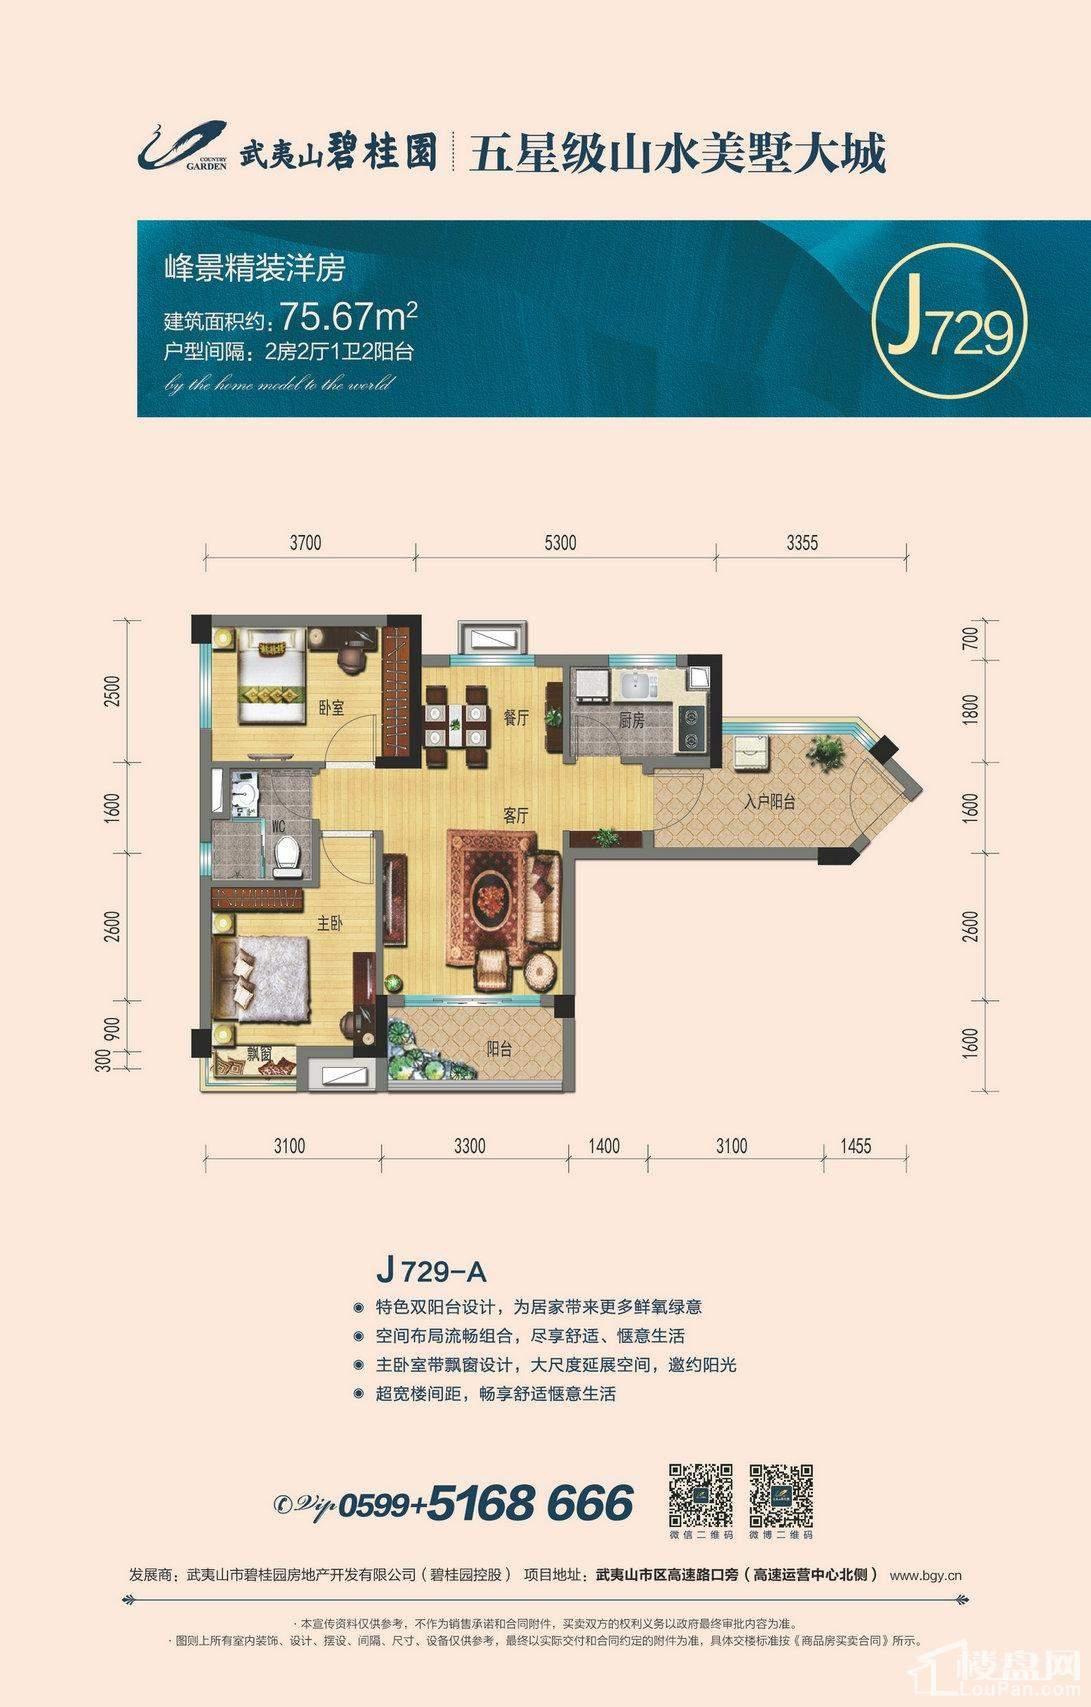 J729-A 峰景精装洋房